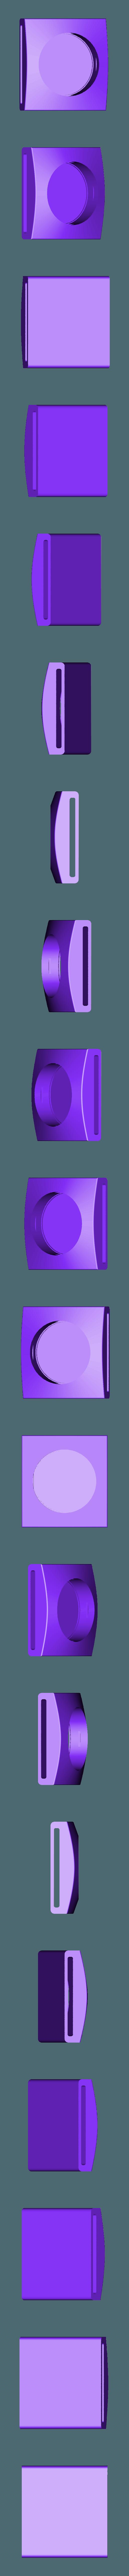 25mm_Compass_Webbing_v1-2.STL Télécharger fichier STL gratuit Sangle Compass • Modèle pour impression 3D, WalterHsiao